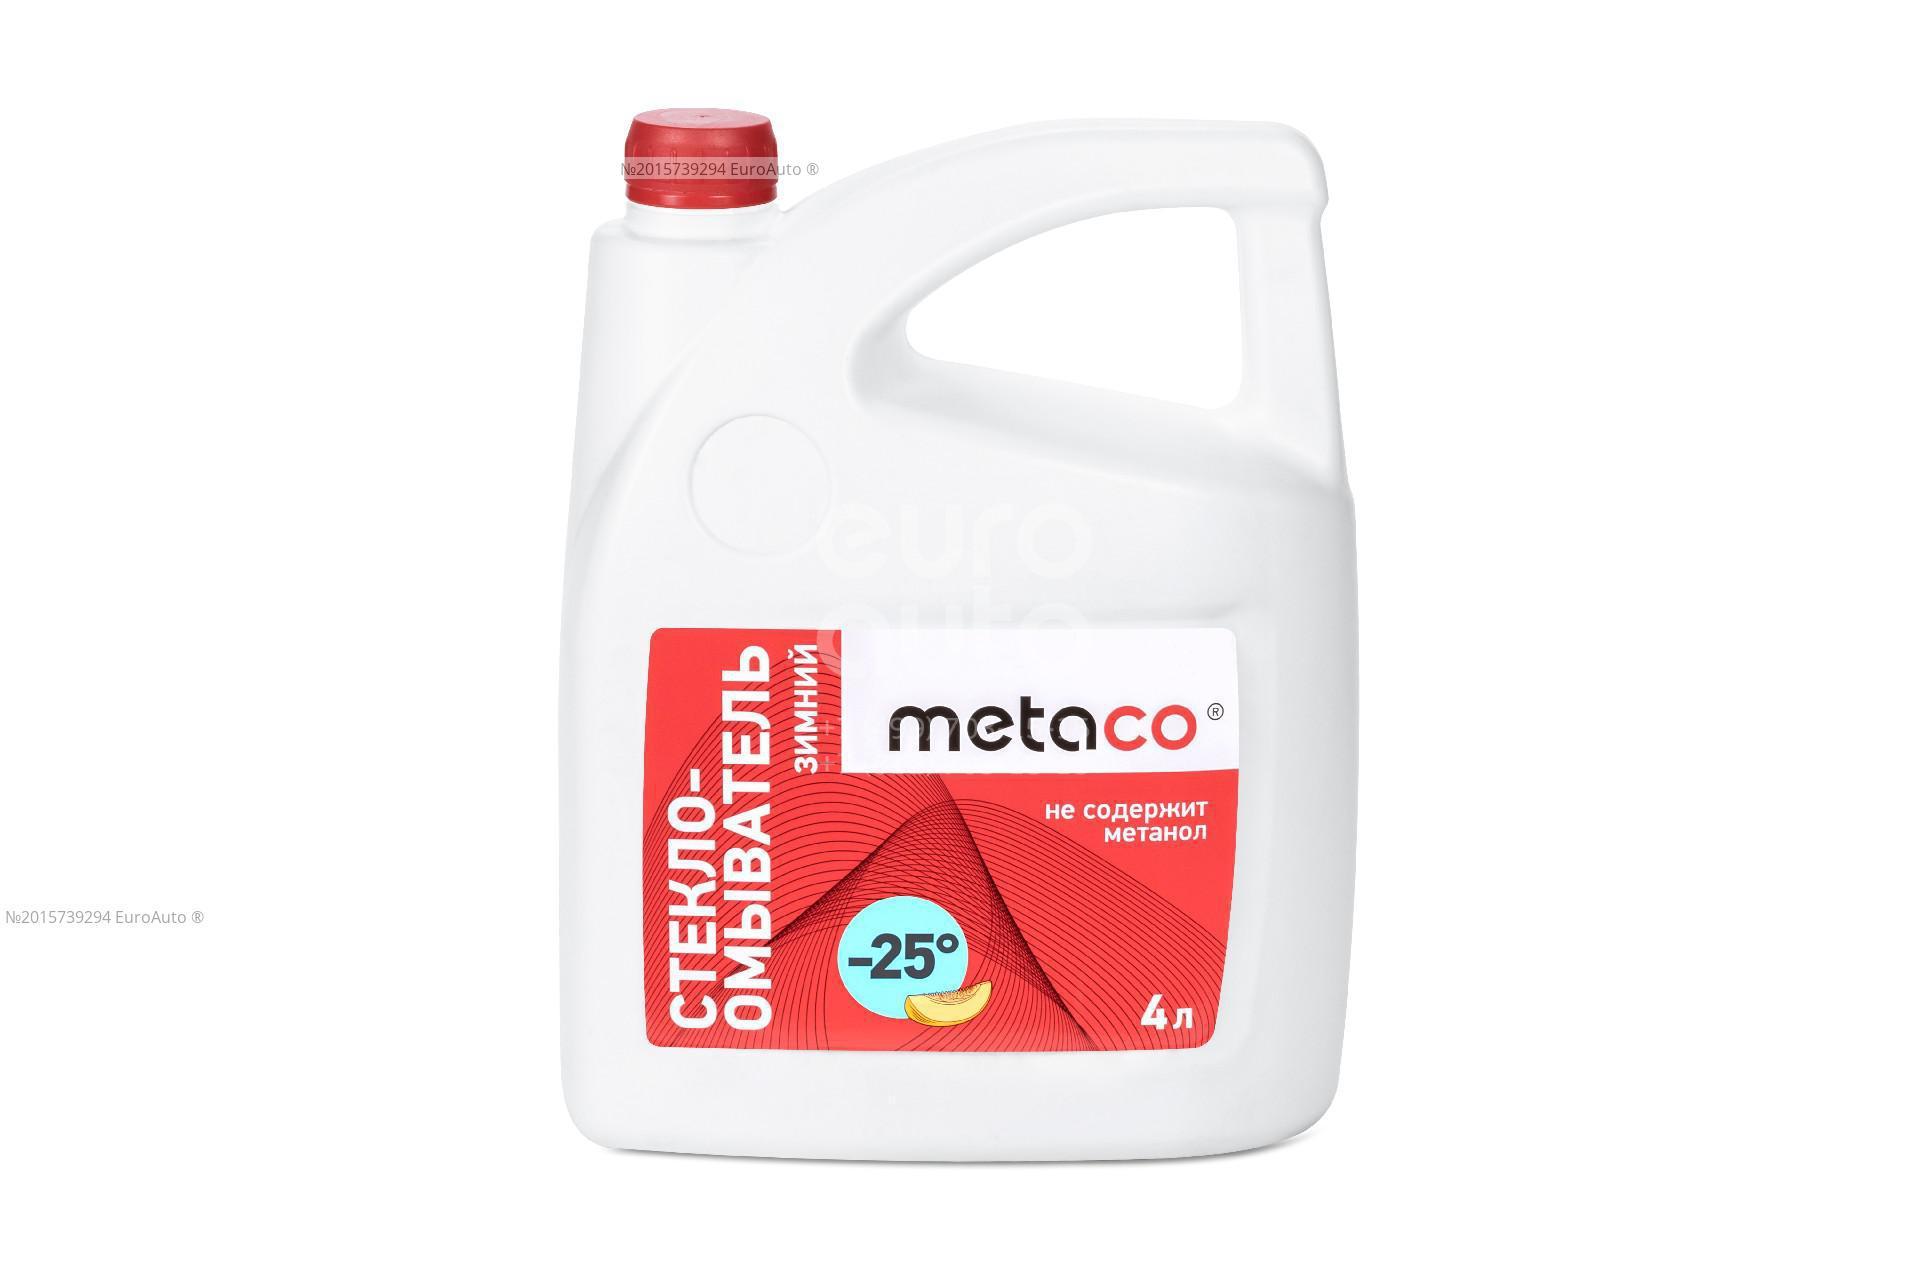 Жидкость омывателя METACO. ЗИМНЯЯ -25C 4Л - Фото №1